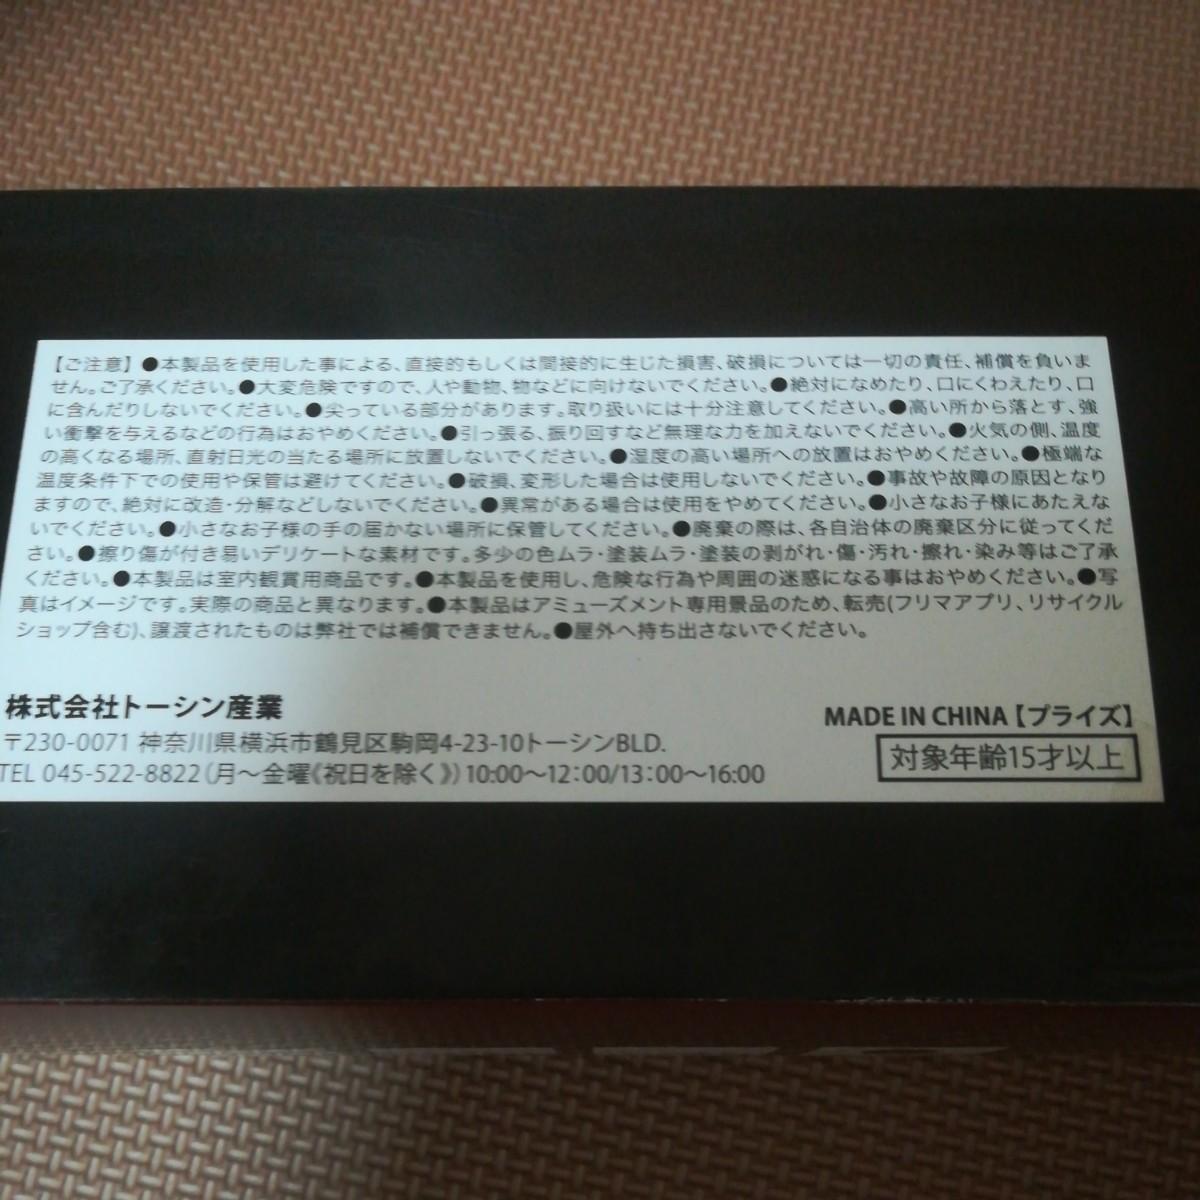 鬼滅の刃 炎柱 煉獄 杏寿郎  コスプレ道具 日輪刀